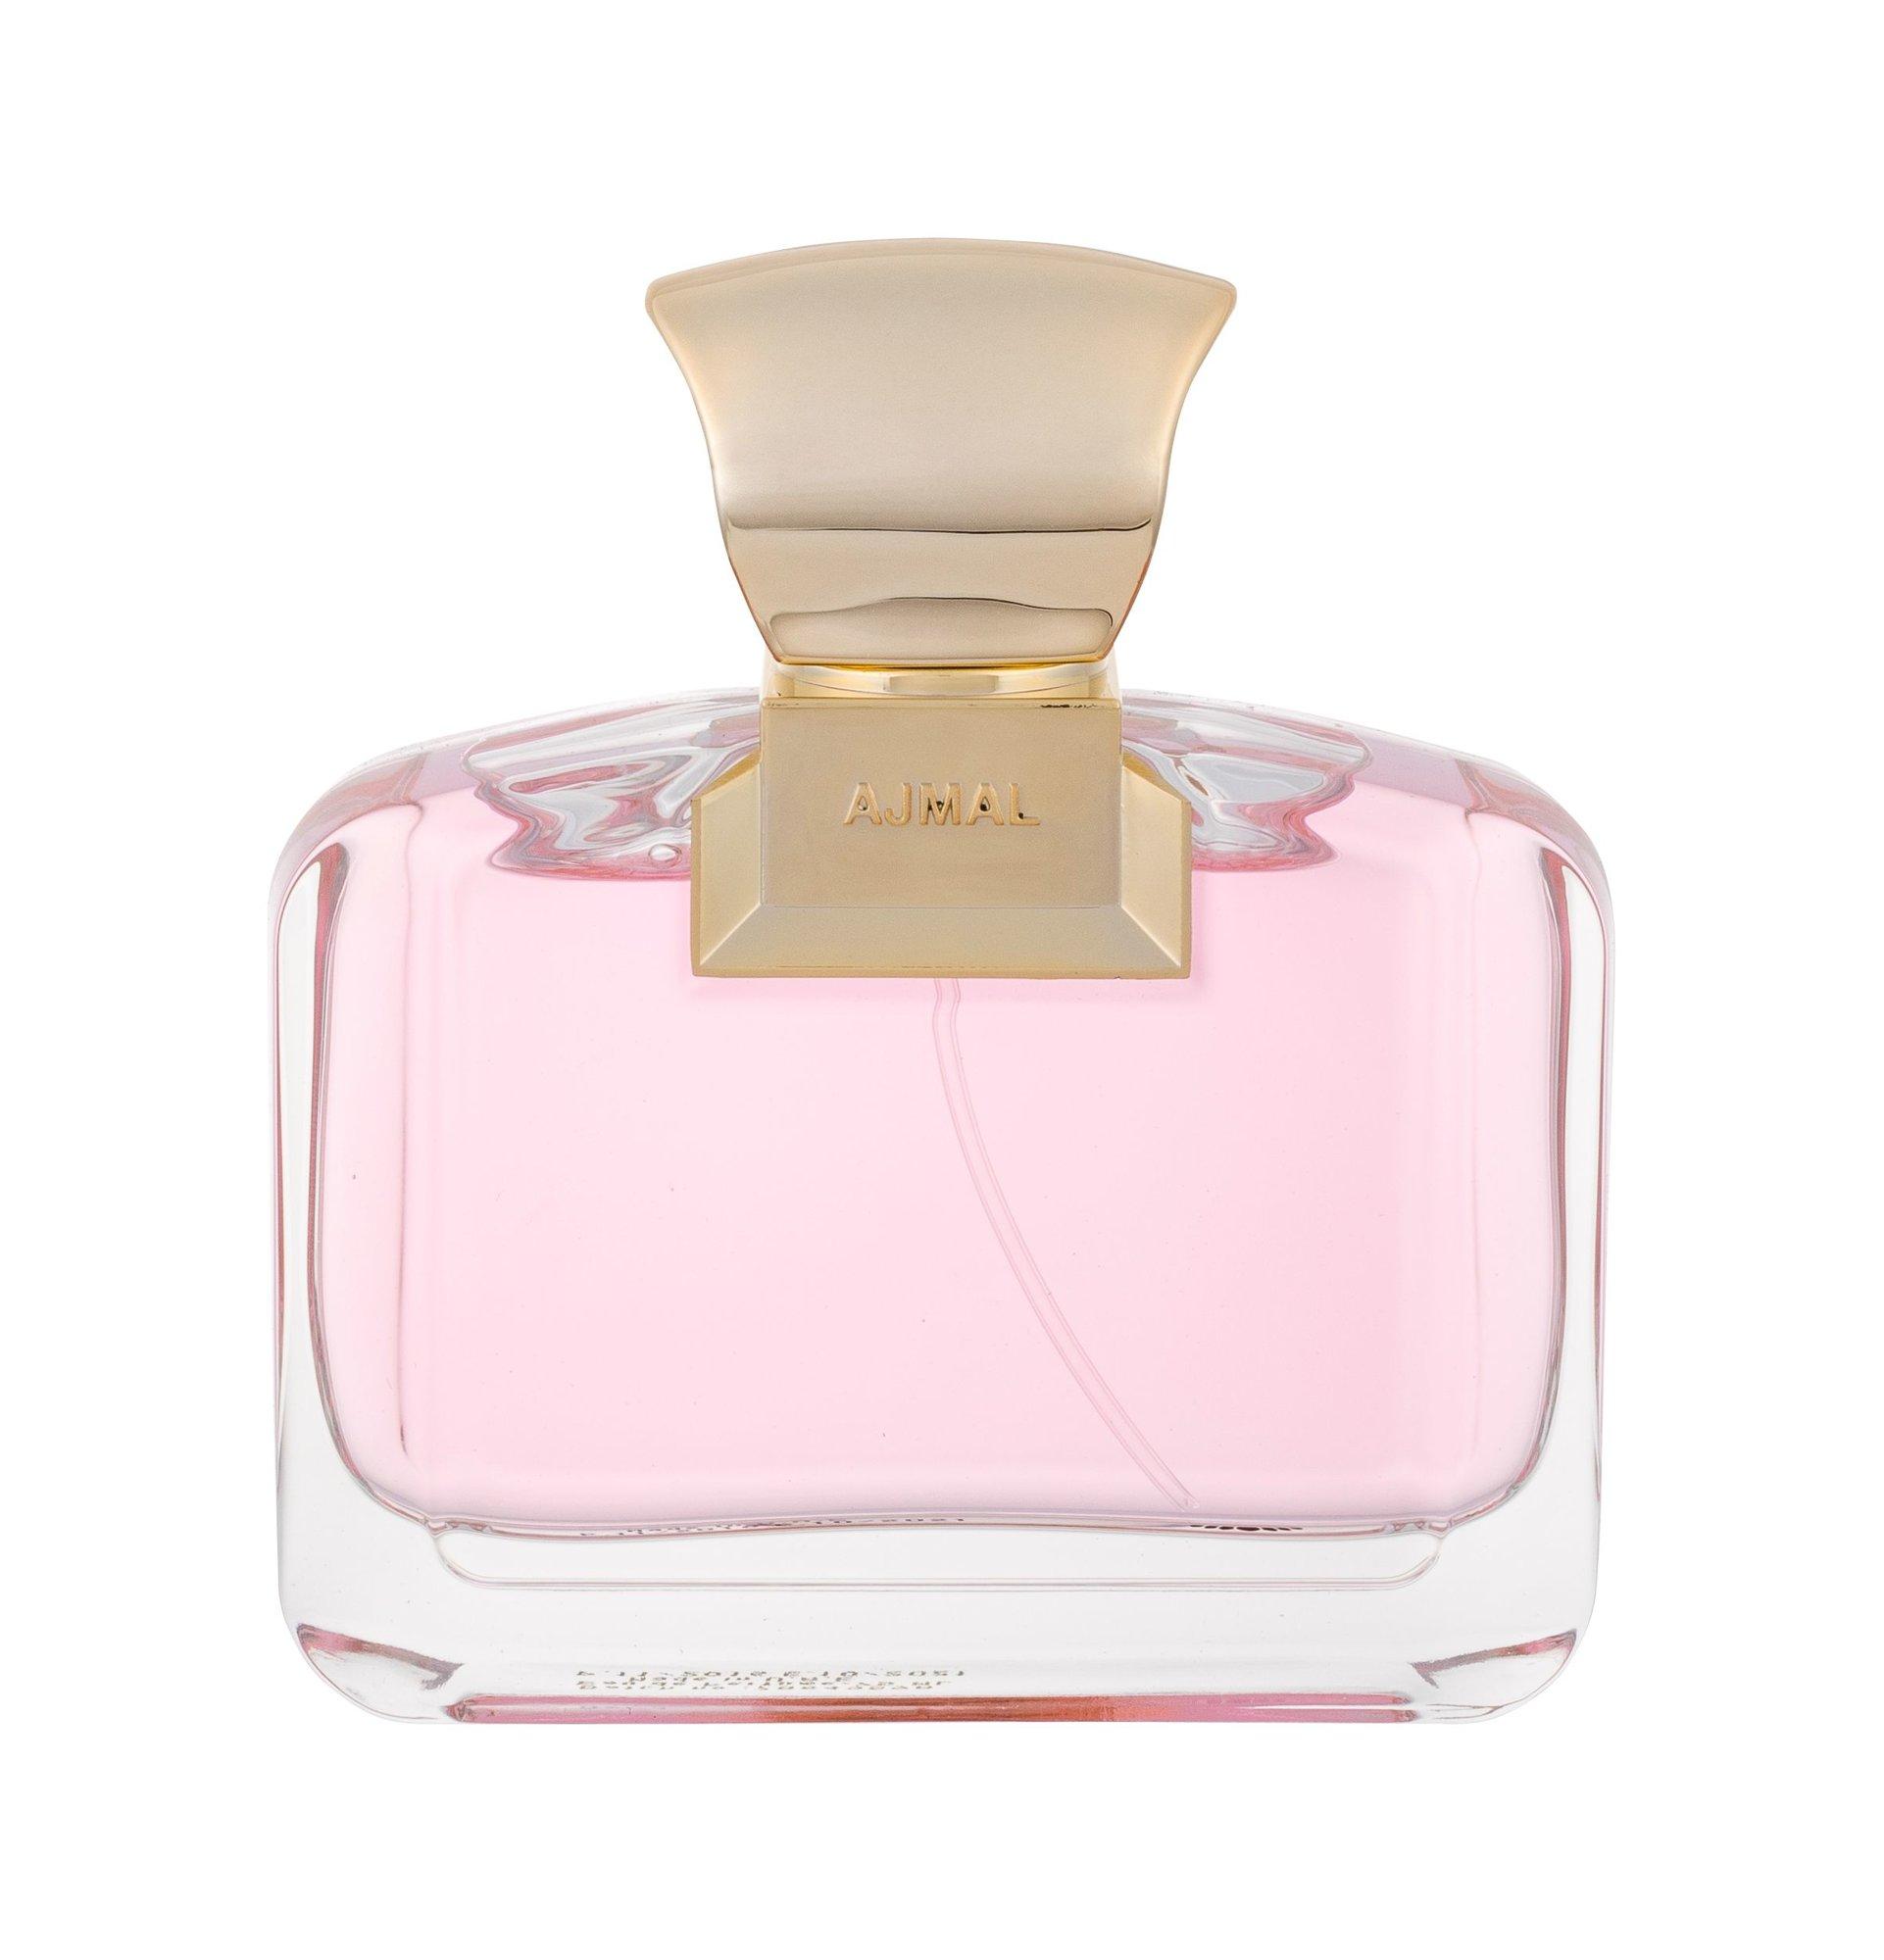 Ajmal Entice 2 Eau de Parfum 75ml